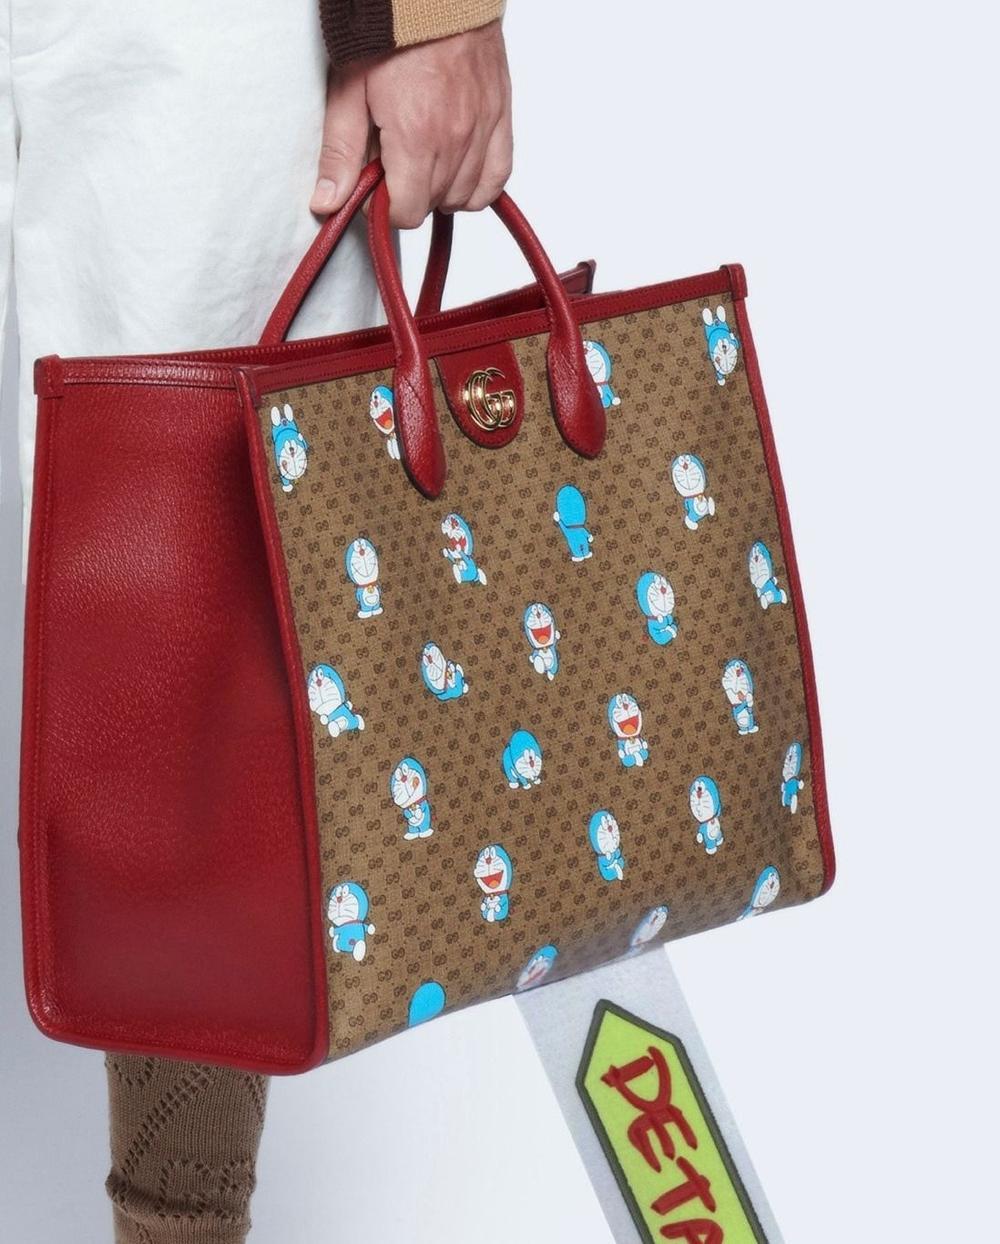 Gucci in hình Doraemon lên túi xách, quần áo bán giá ngàn đô Ảnh 4